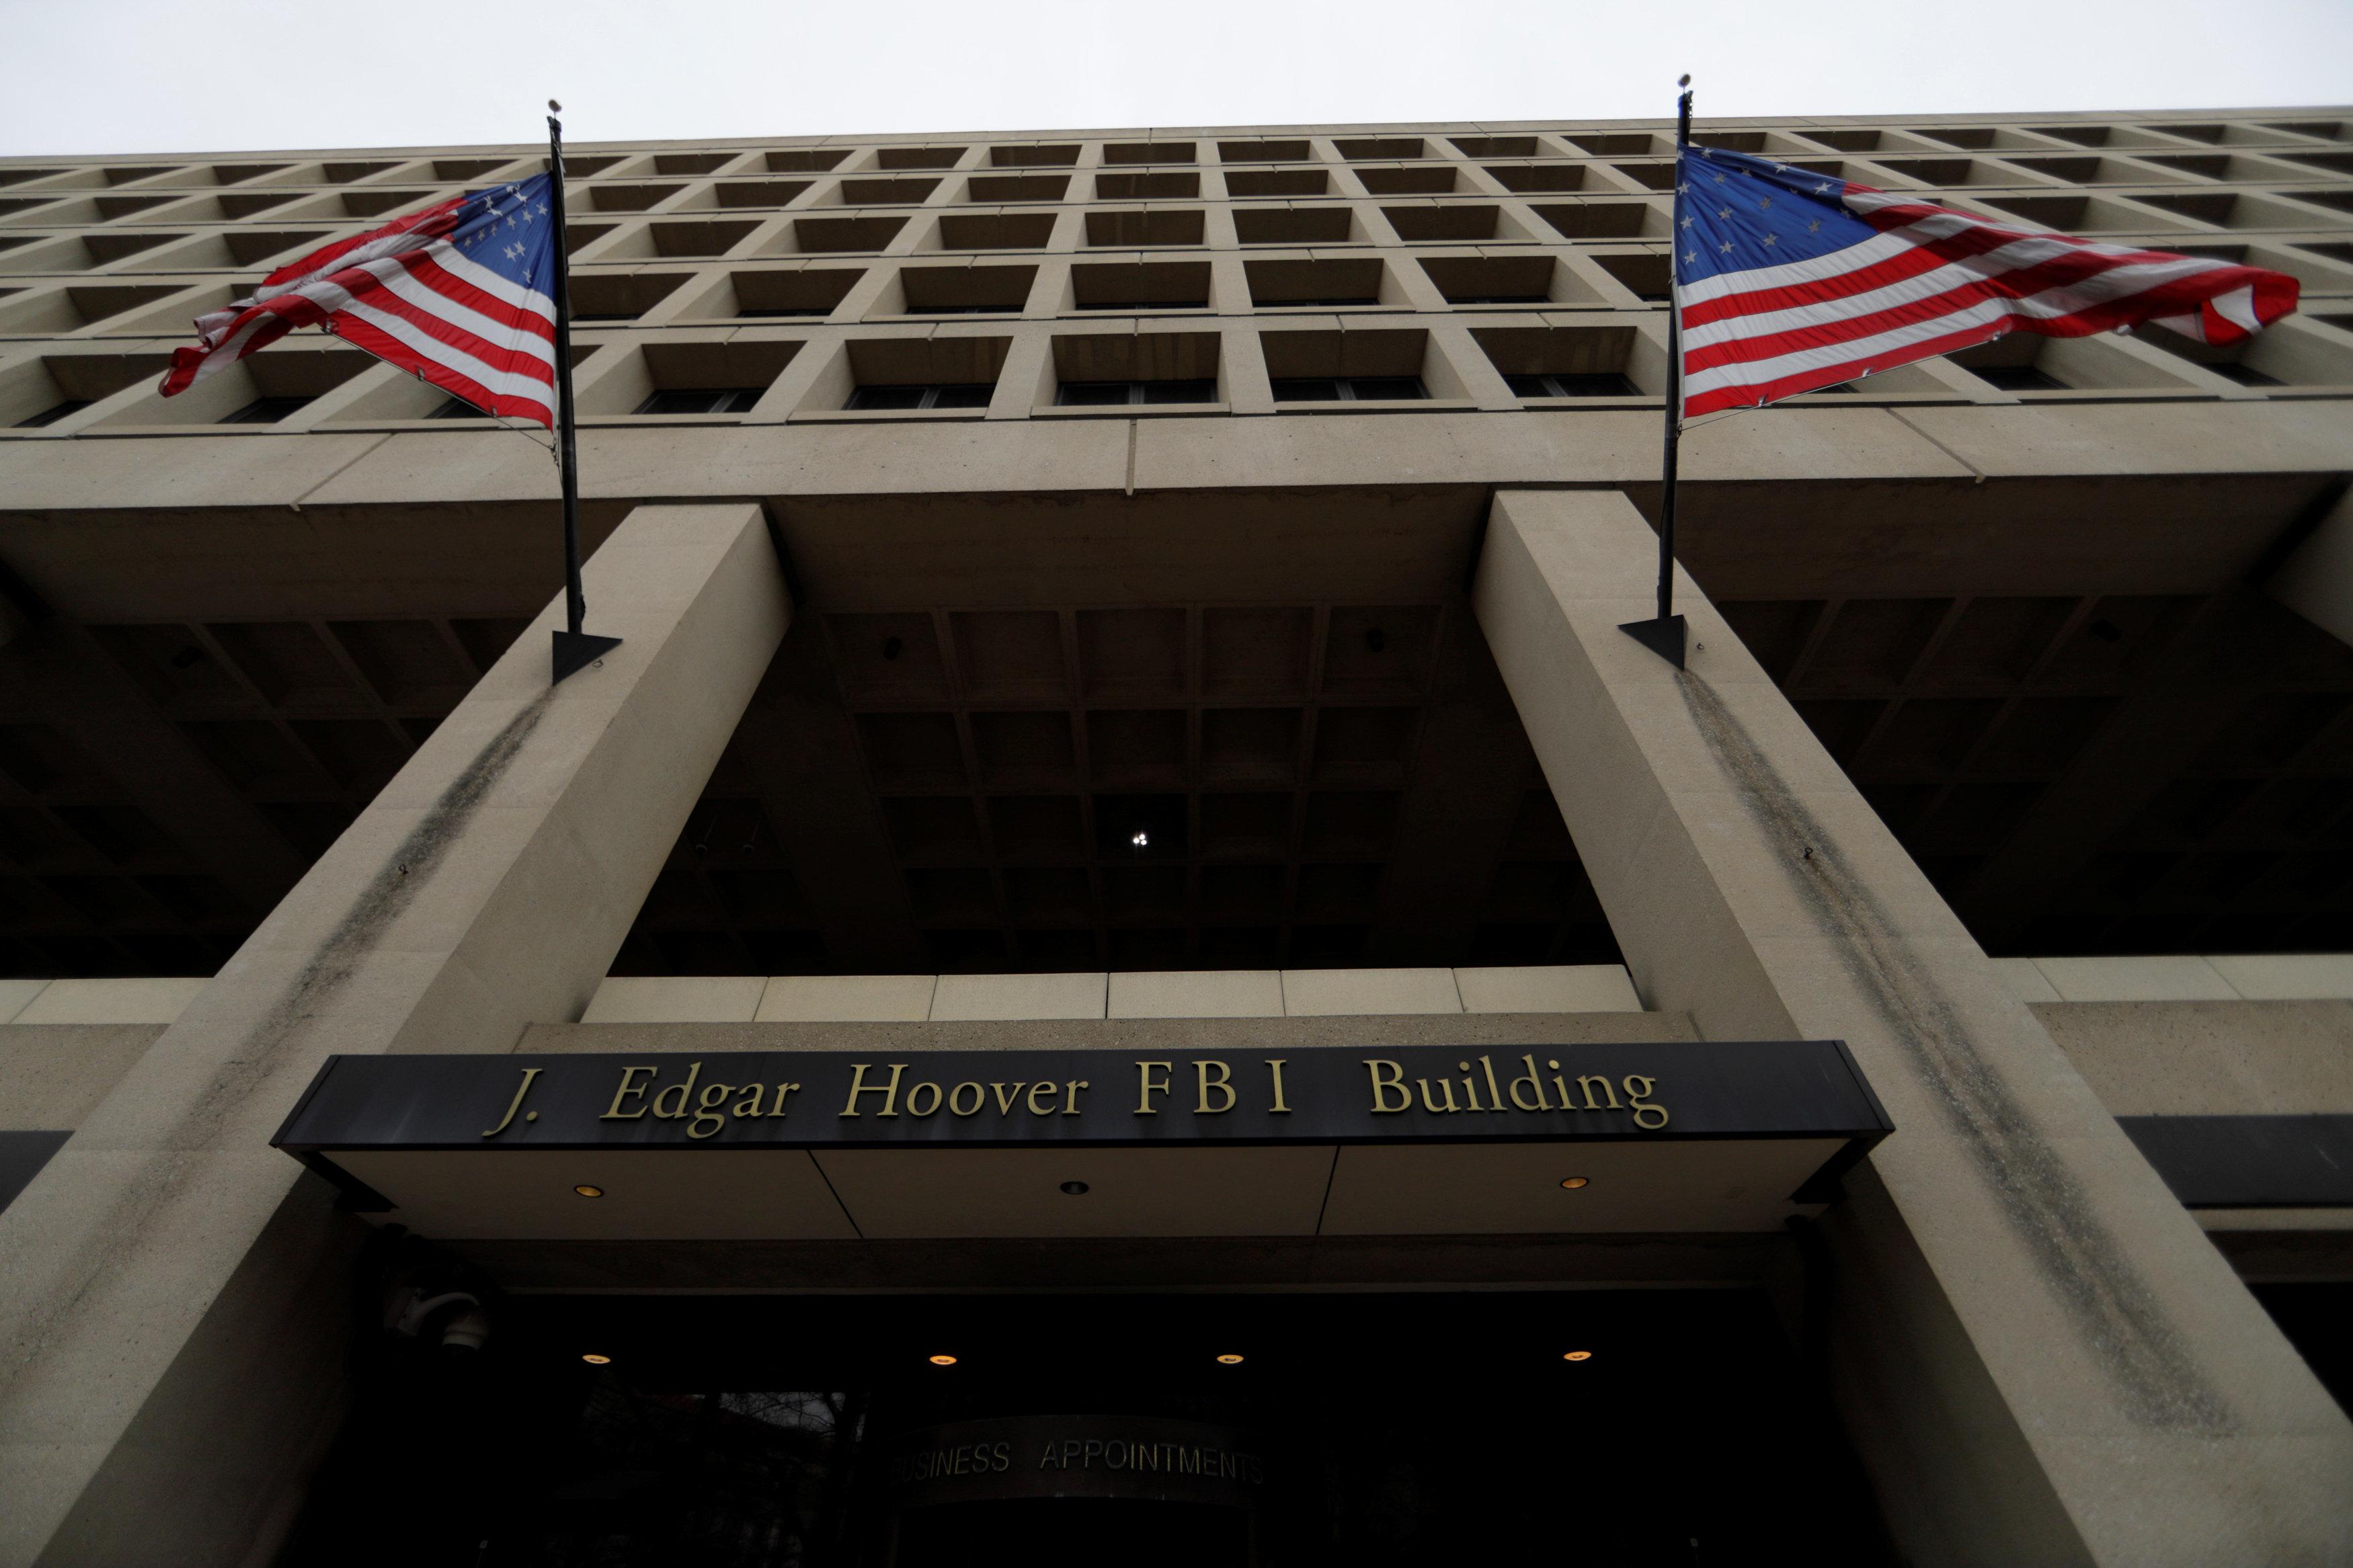 Ο υπερπόντιος νόμος των ΗΠΑ κατά της διαφθοράς. Ή γιατί το FBI ασχολείται με το σκάνδαλο Novartis στην